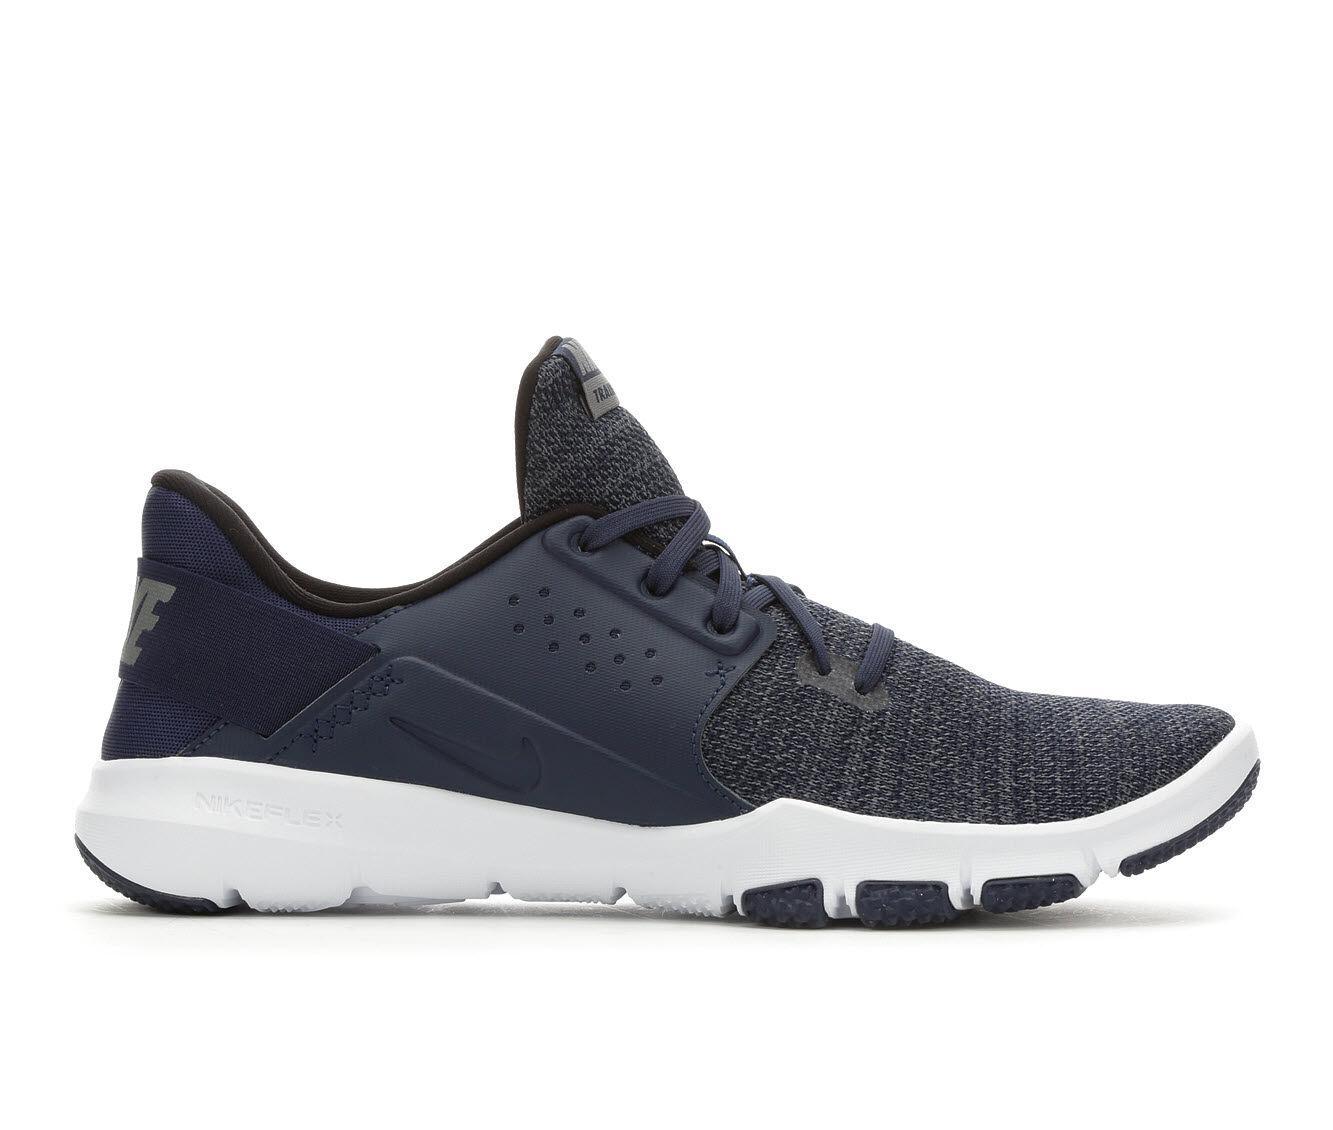 cheap wholesale Men's Nike Flex Control TR3 Training Shoes Nvy/Wht 400